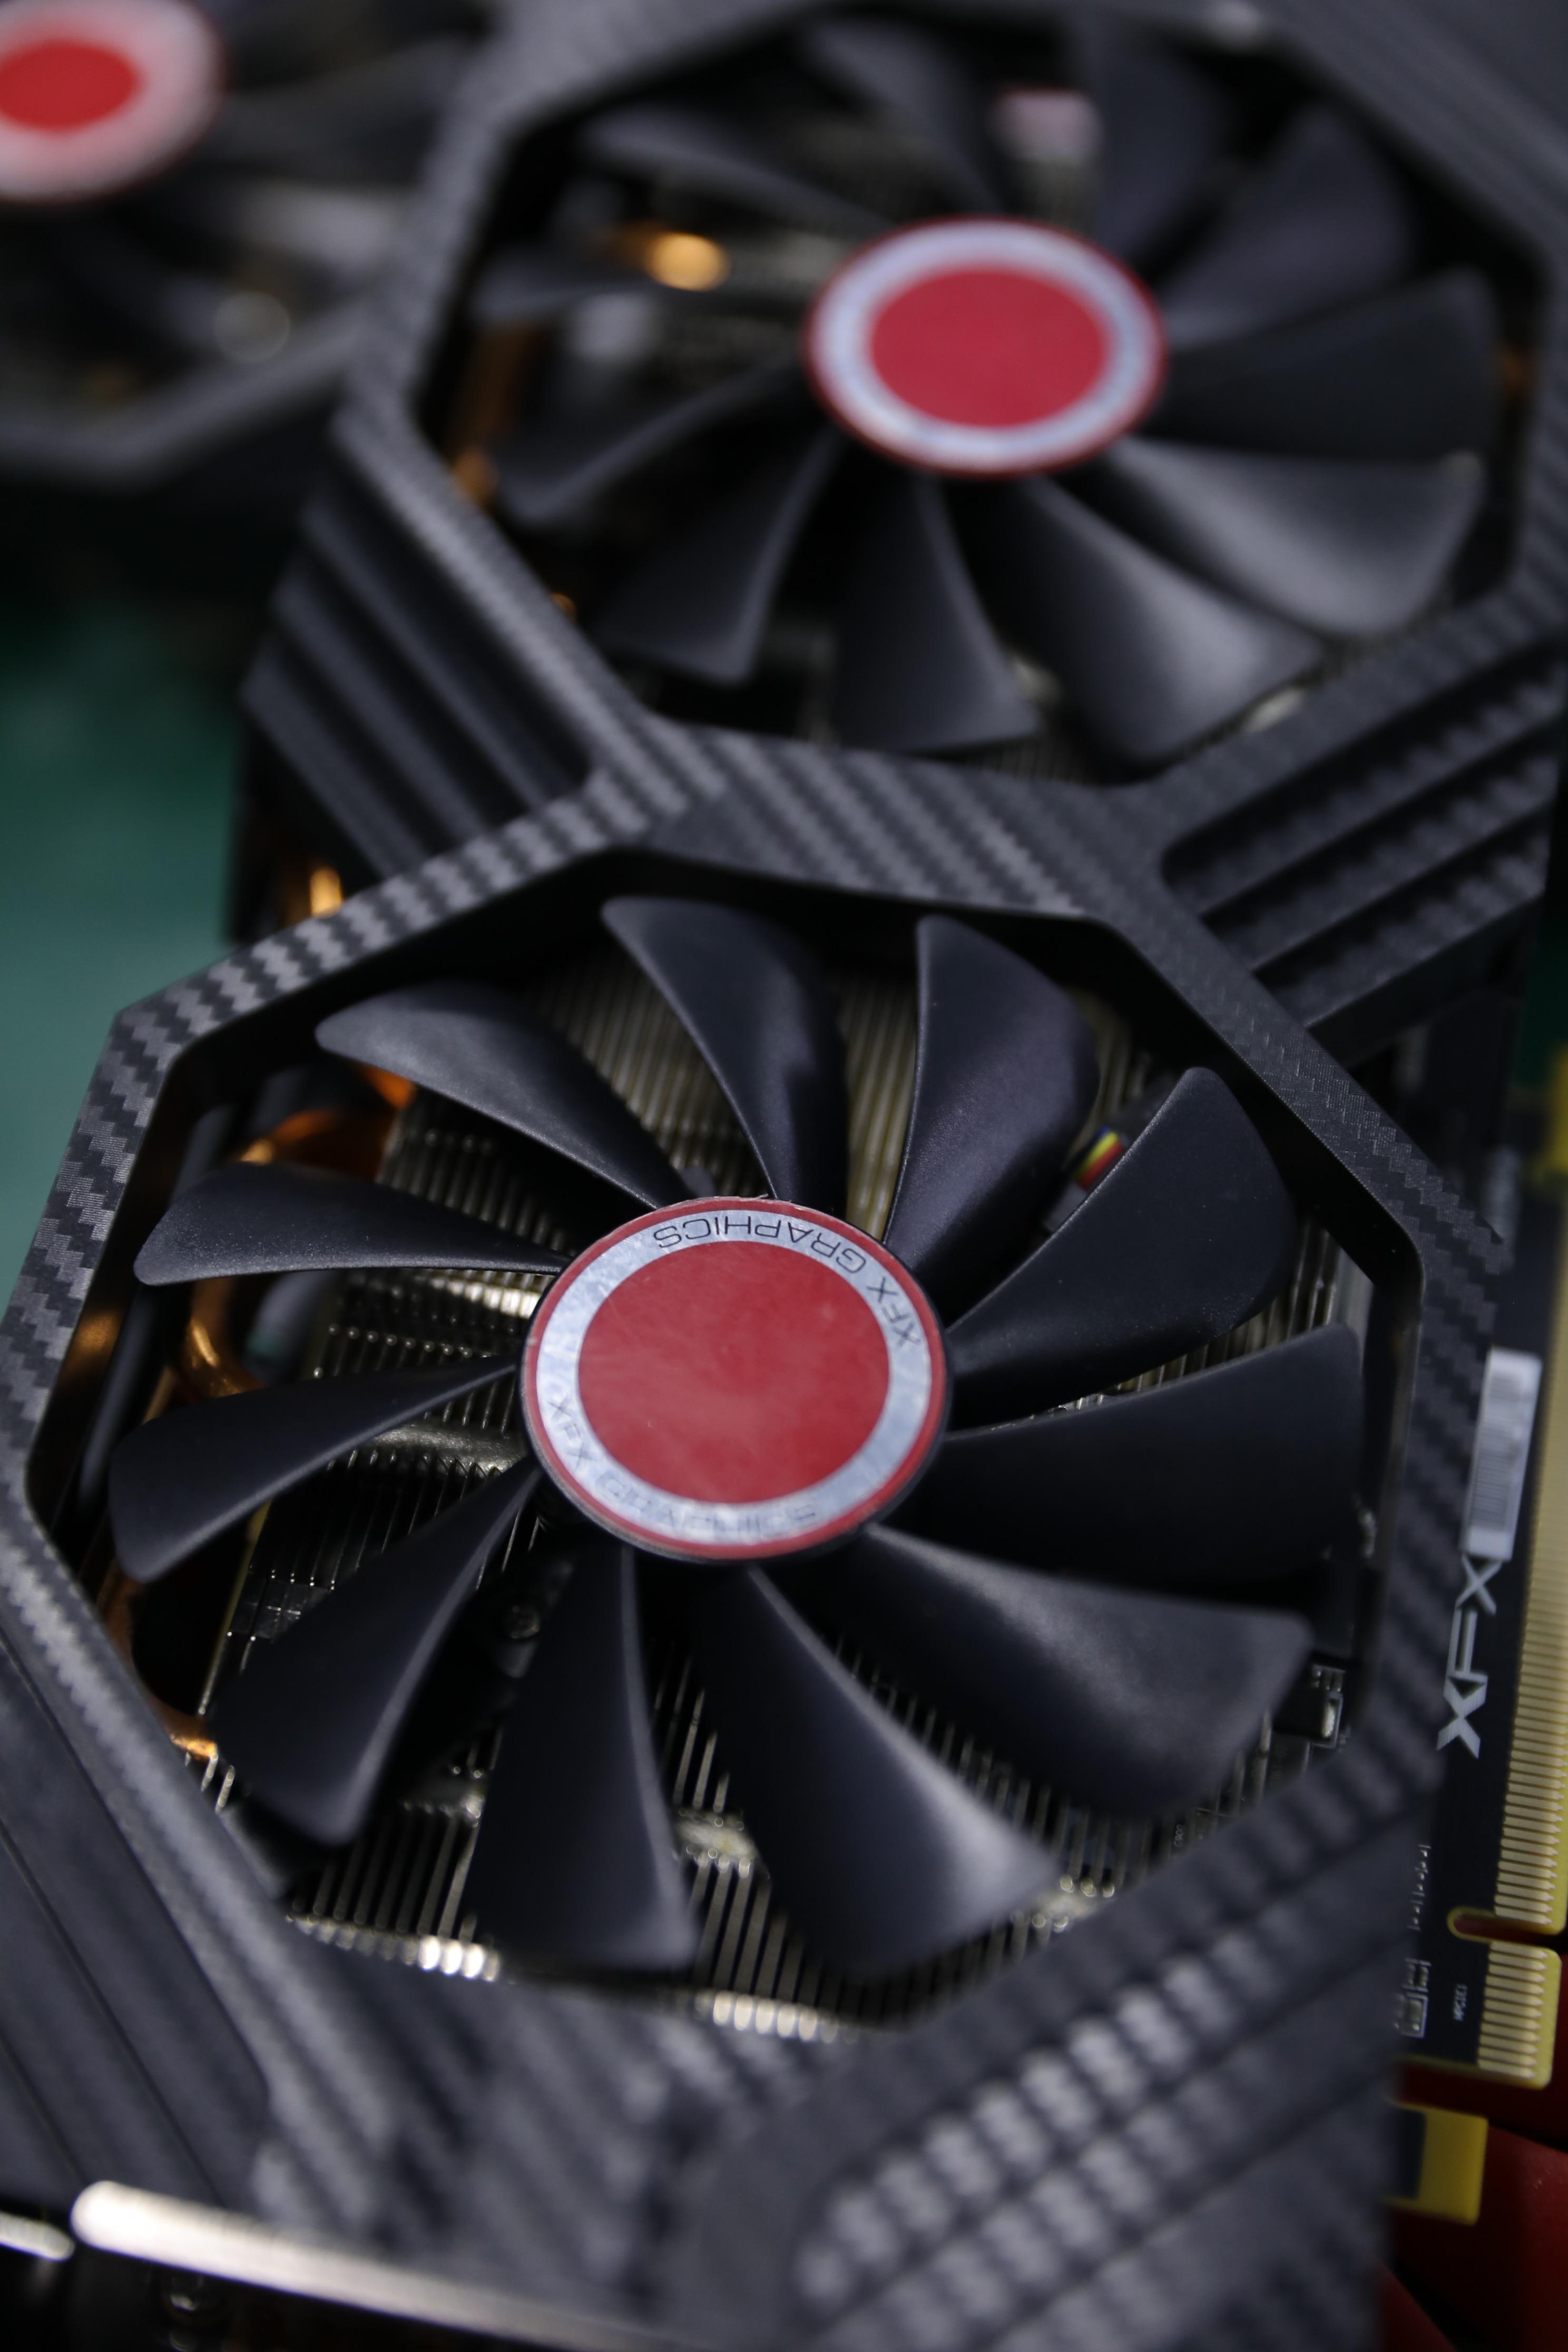 XFX RX 580 4GB 256bit GDDR5 Настольный ПК игровой видеокарты видеокарта не горнодобывающей промышленности используется rx 580 4g бне новая карточная игра rx580 8G 4G-2